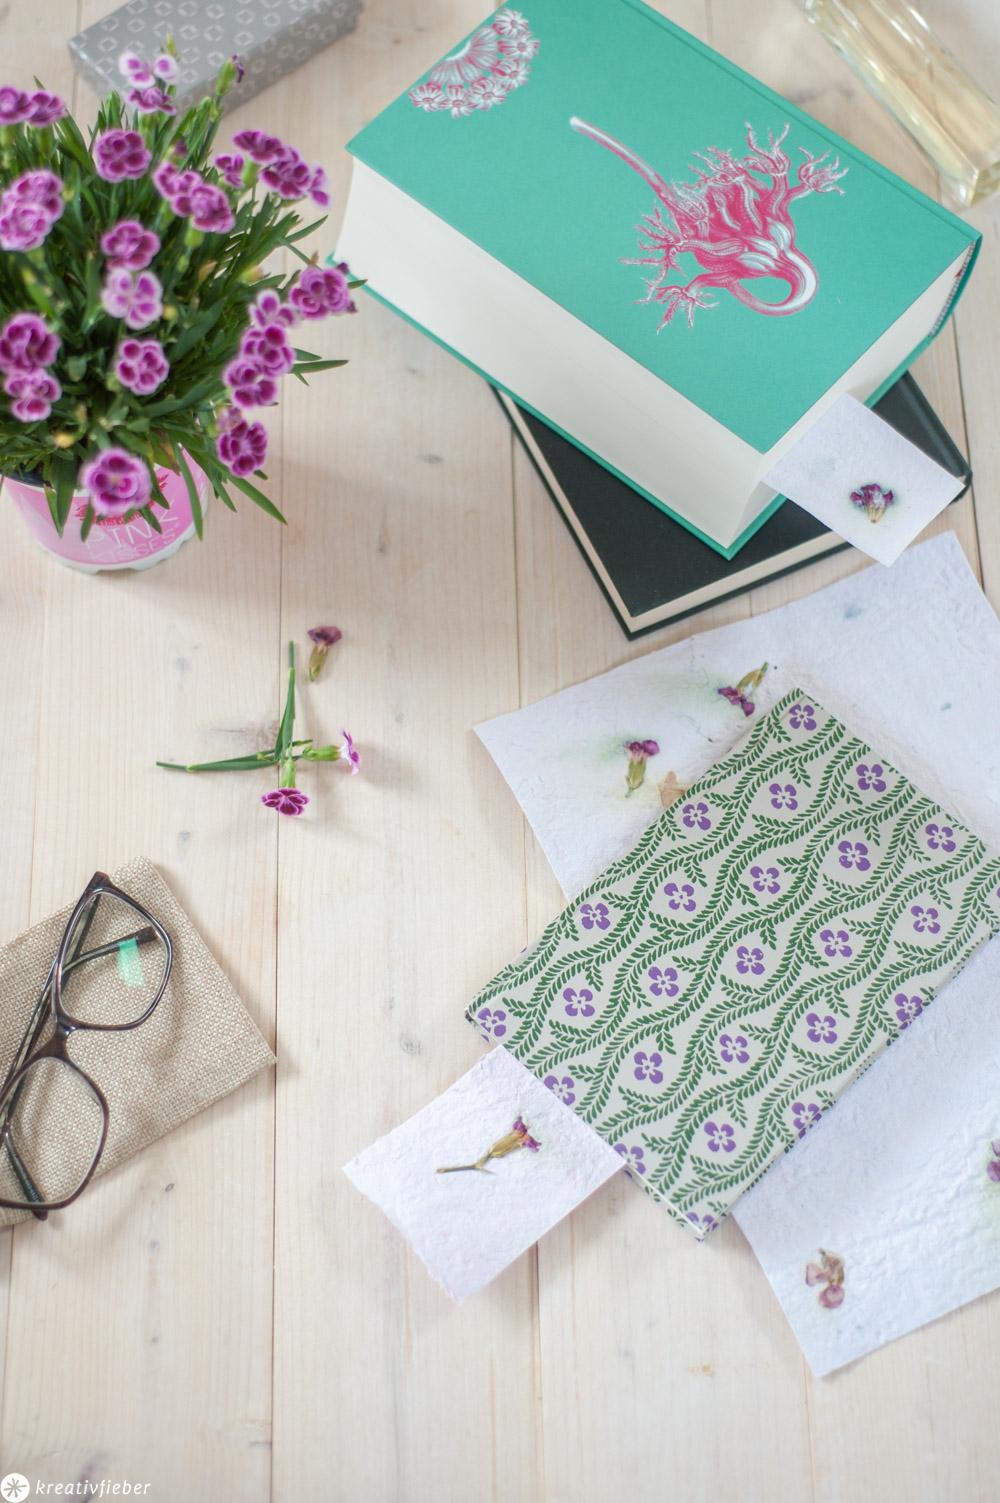 Papier schöpfen Lesezeichen mit Blüten herstellen